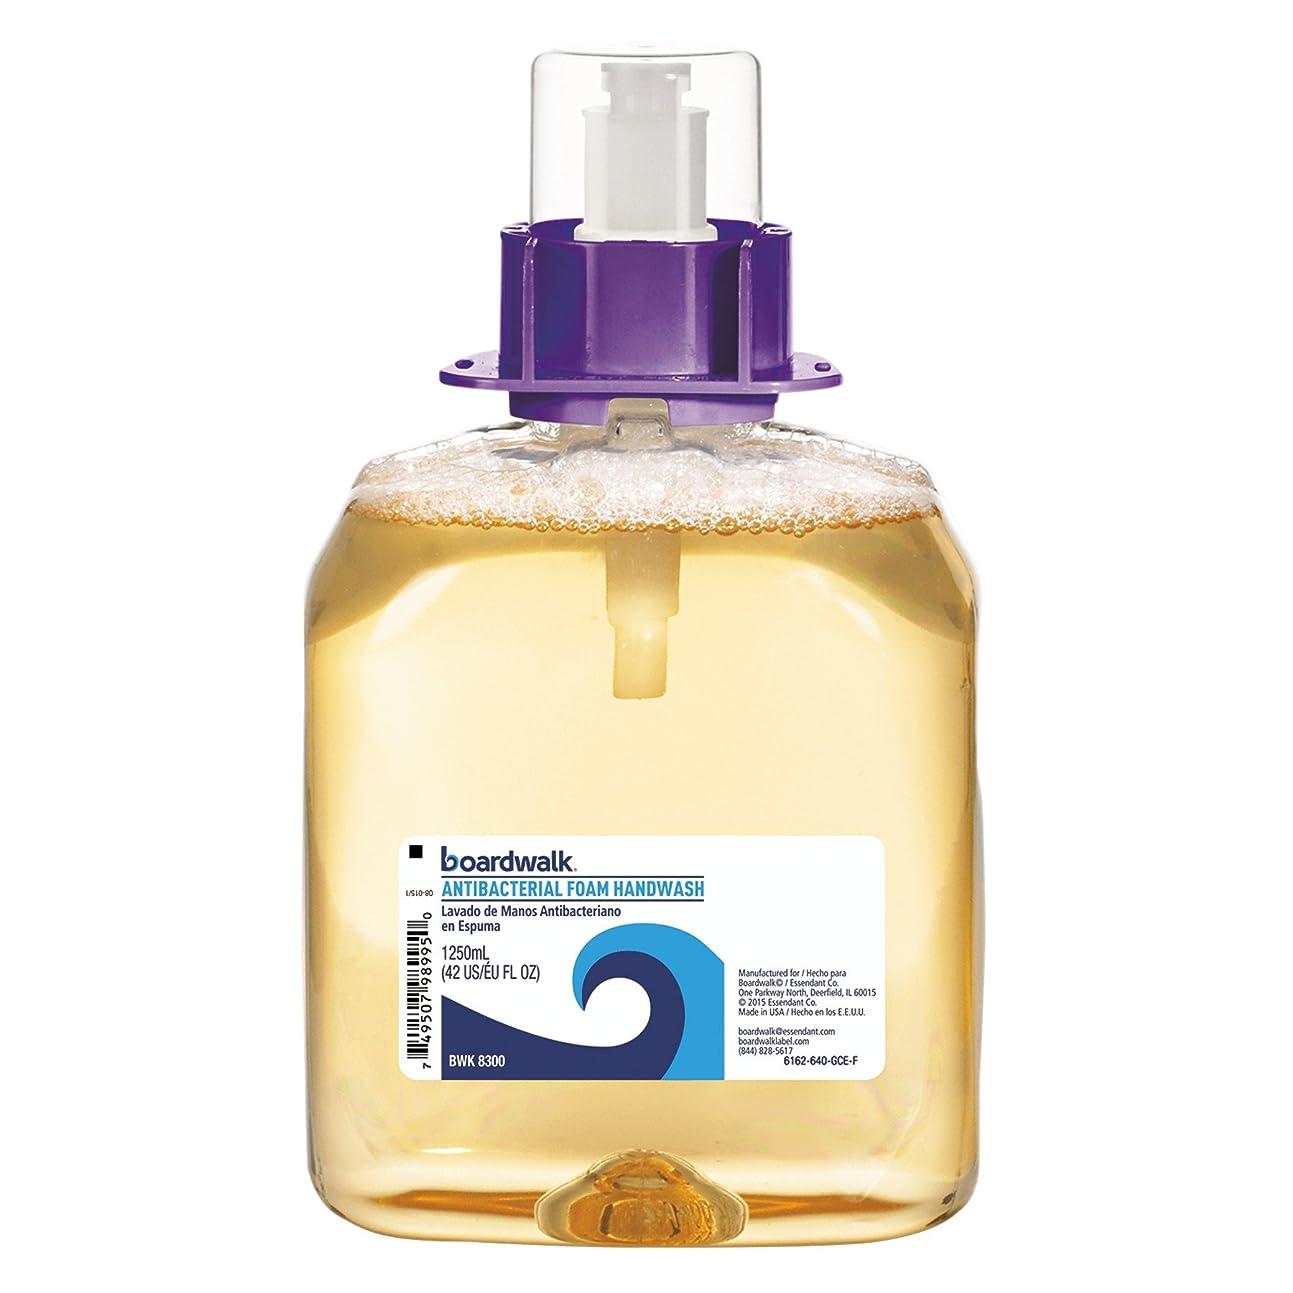 金額バーベキューぼんやりしたFoam Antibacterial Handwash, Sweet Pea, 1250ml Refill, 4 per Carton (並行輸入品)